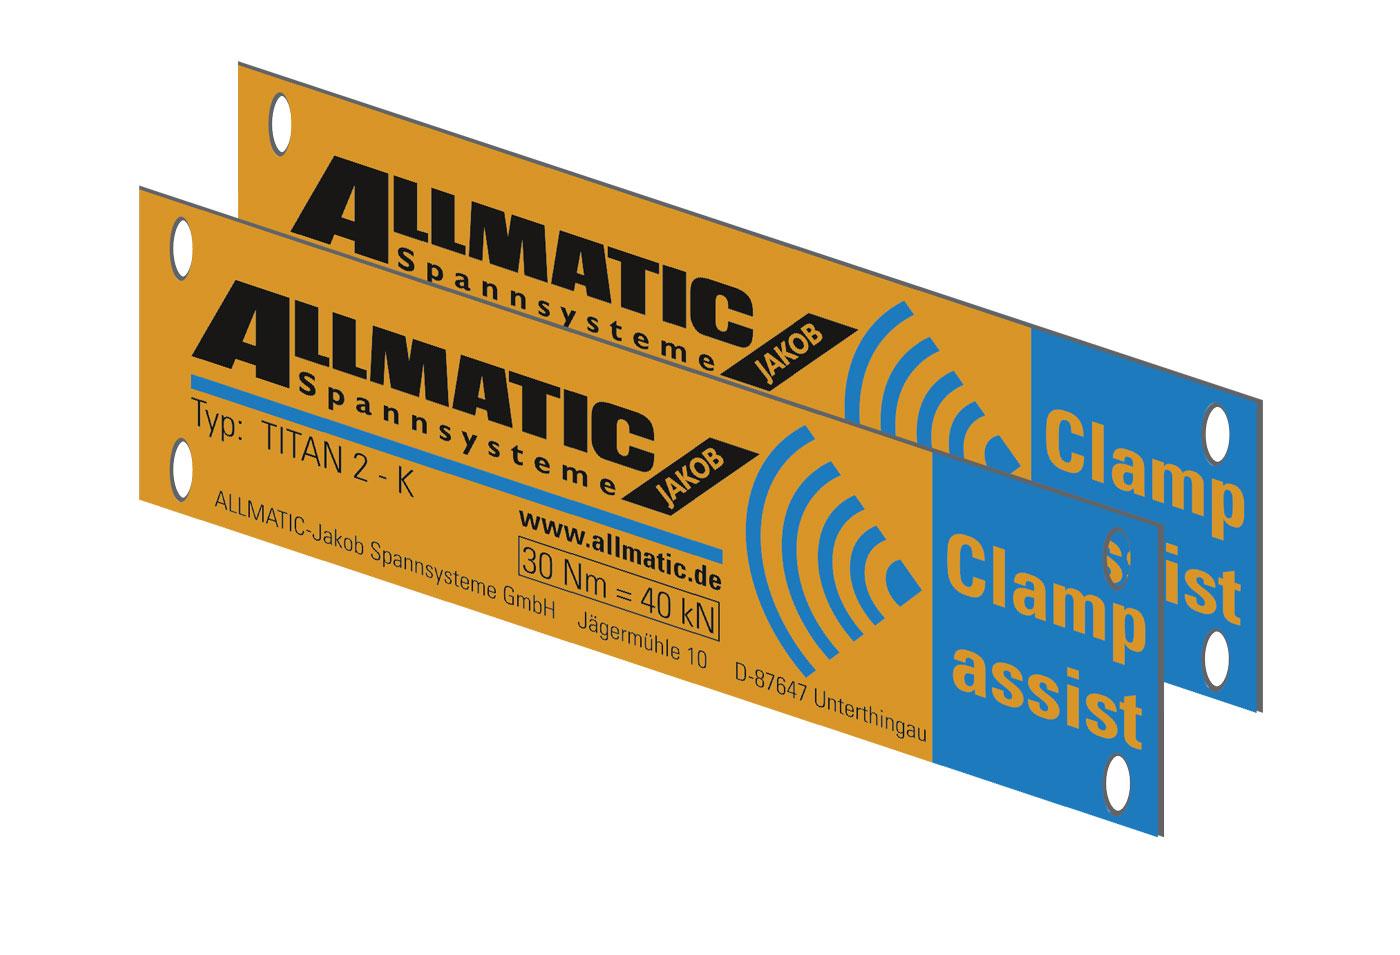 Typenschild - TITAN 2 K Clamp assist